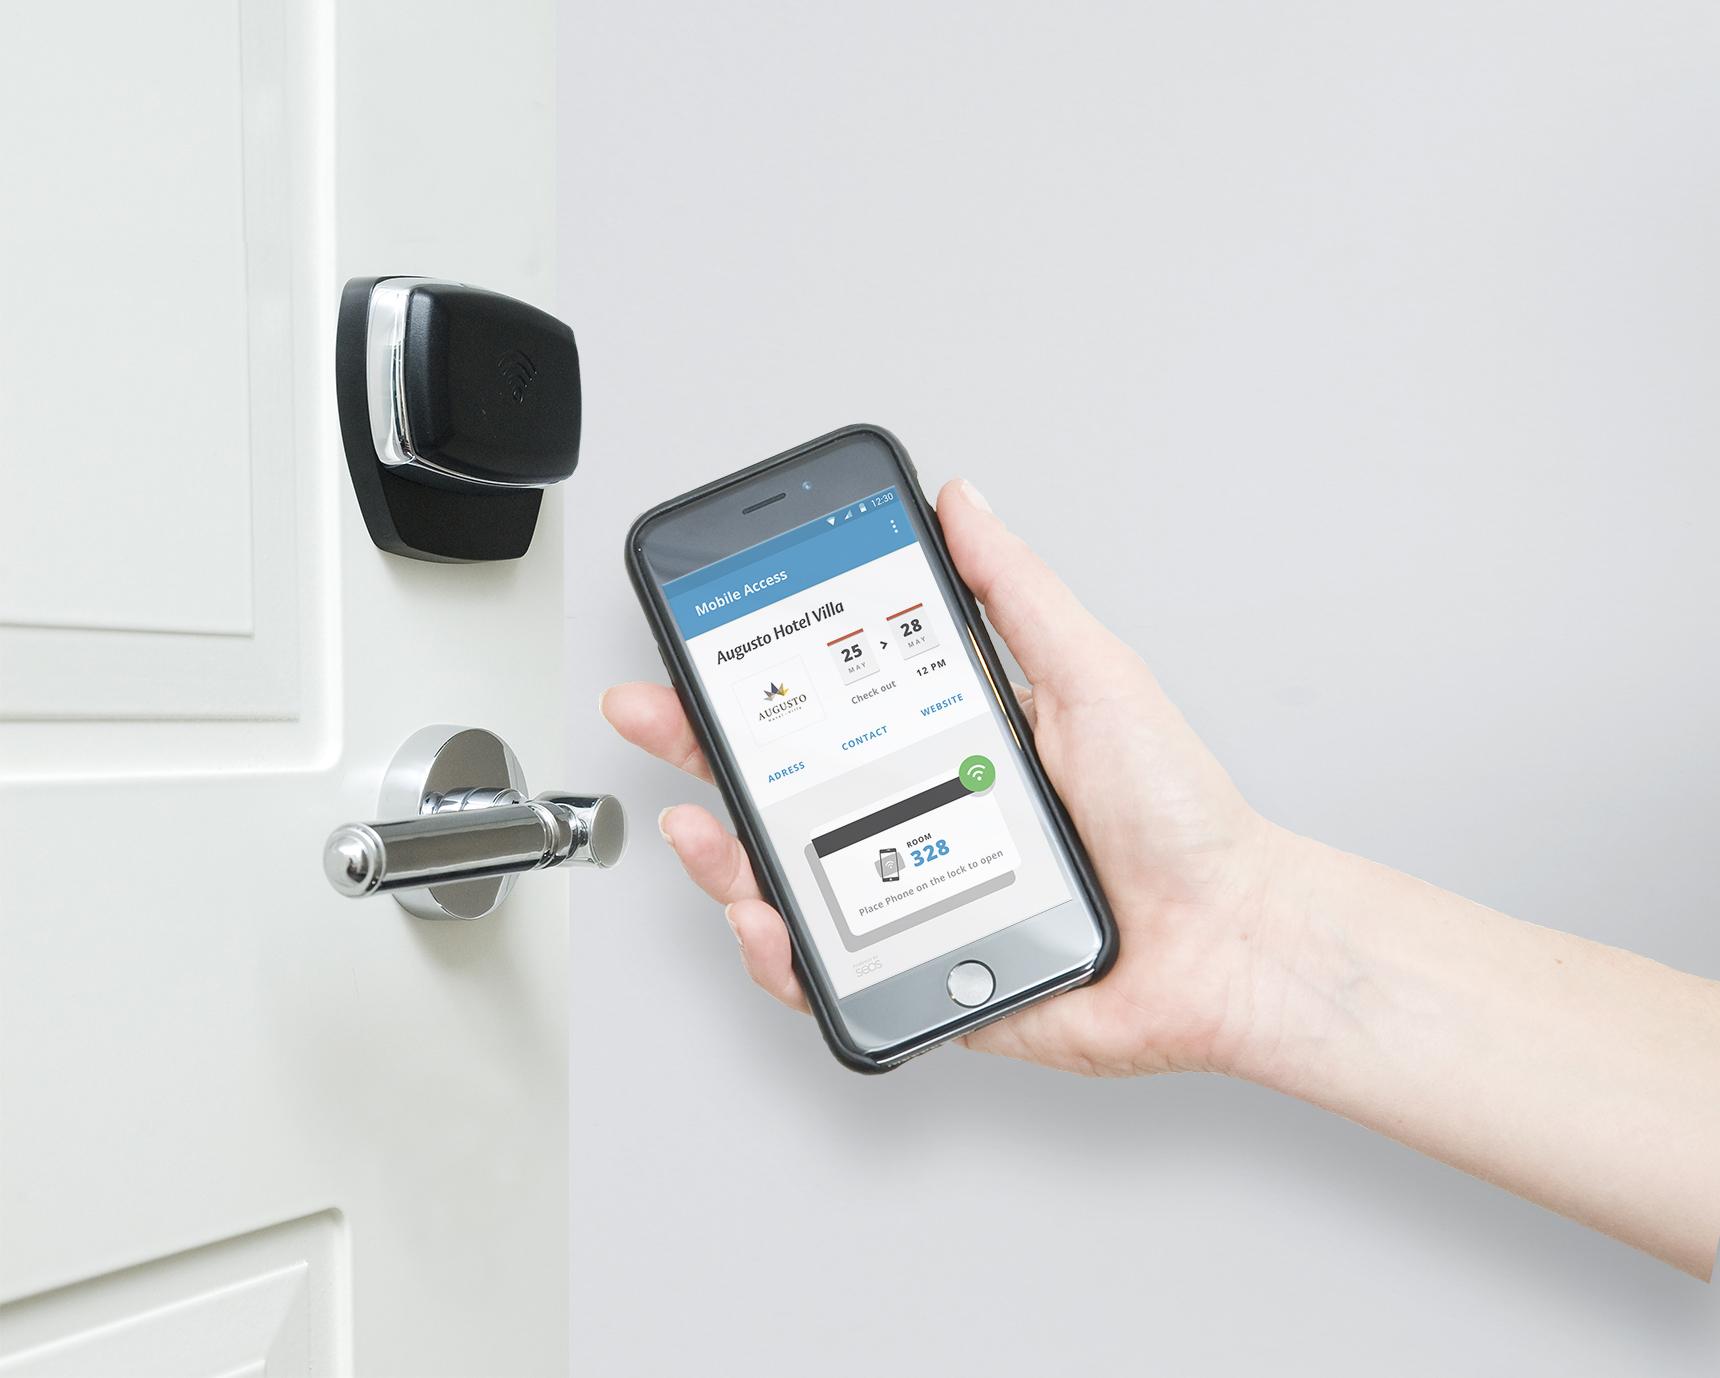 Toegangsbeveiliging: RFID blijft basis, mobiele toegang is extraatje